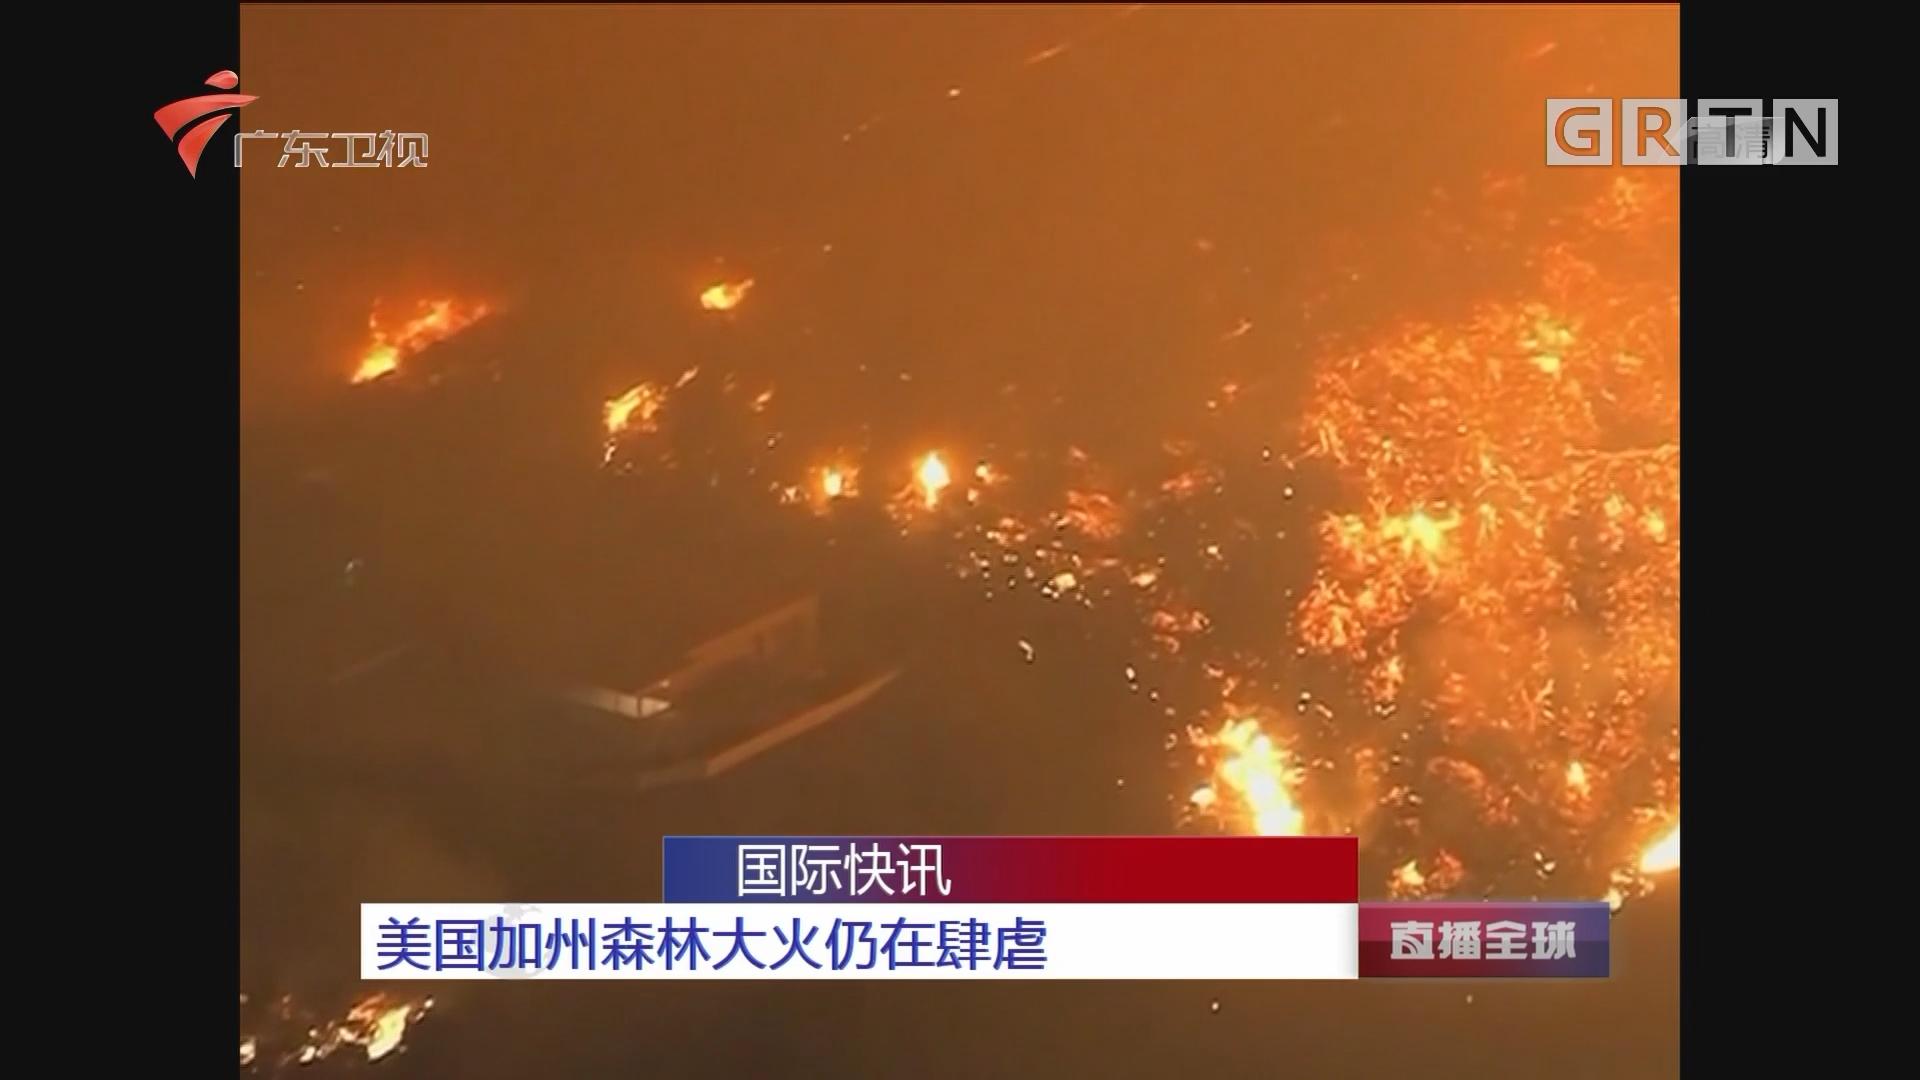 美国加州森林大火仍在肆虐